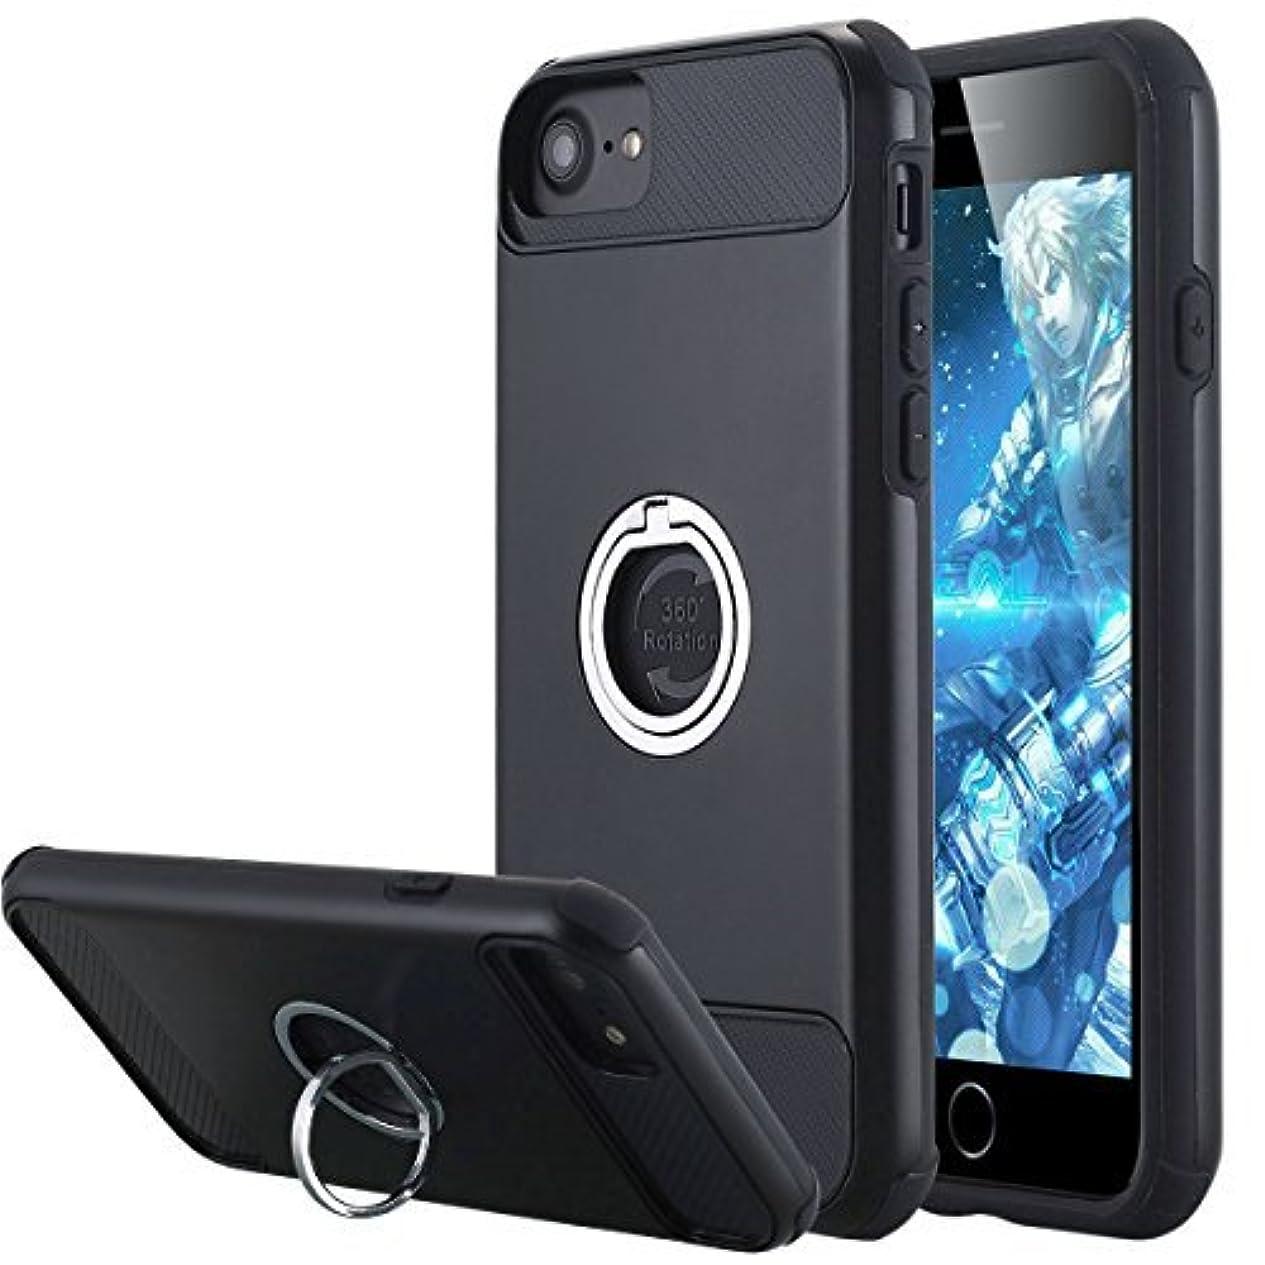 長々と啓示水を飲むiPhone 7 Case LONTECT Hybrid Dual Layer Shockproof High Impact Protection Case with 360 Rotation Grip Ring Holder Kick Stand for Apple iPhone 7 - Black [並行輸入品]